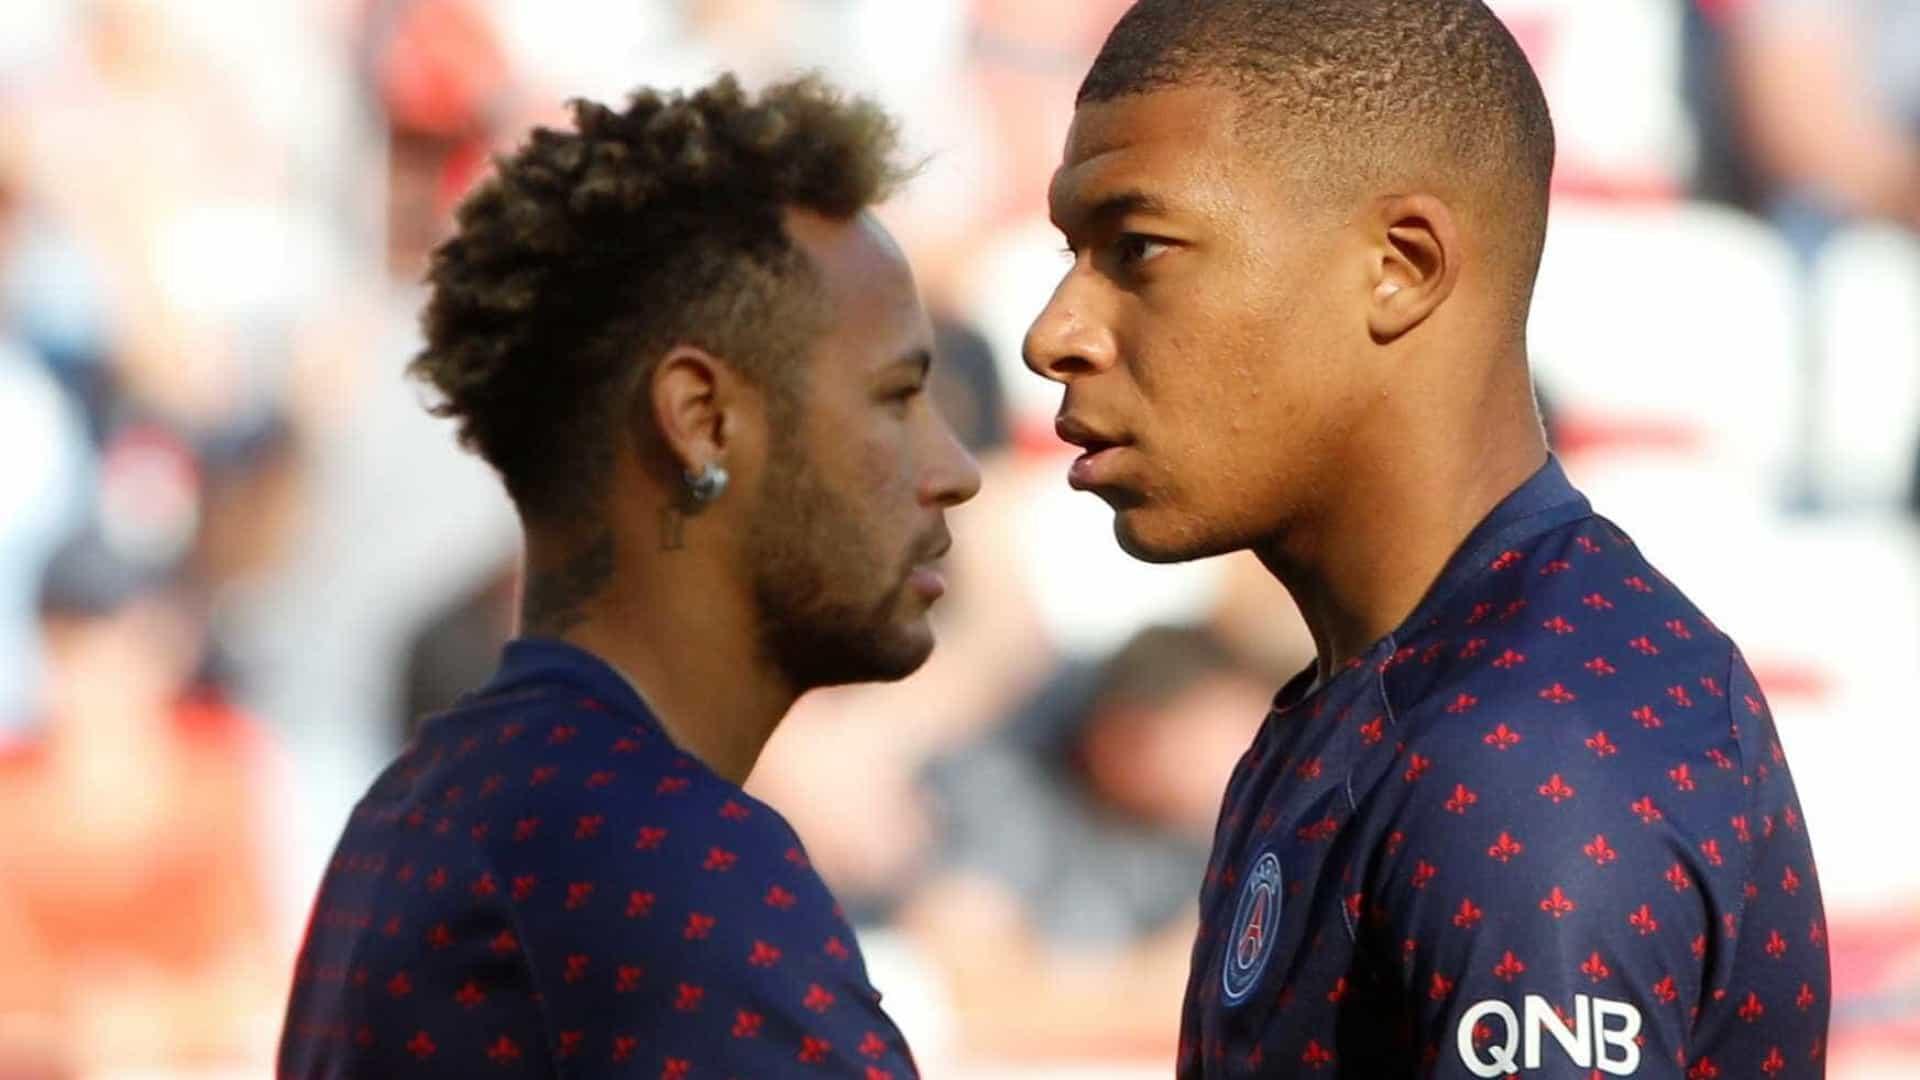 naom 5bf58c0a10683 1 - Técnico do PSG admite chance de saída de Neymar e Mbappé